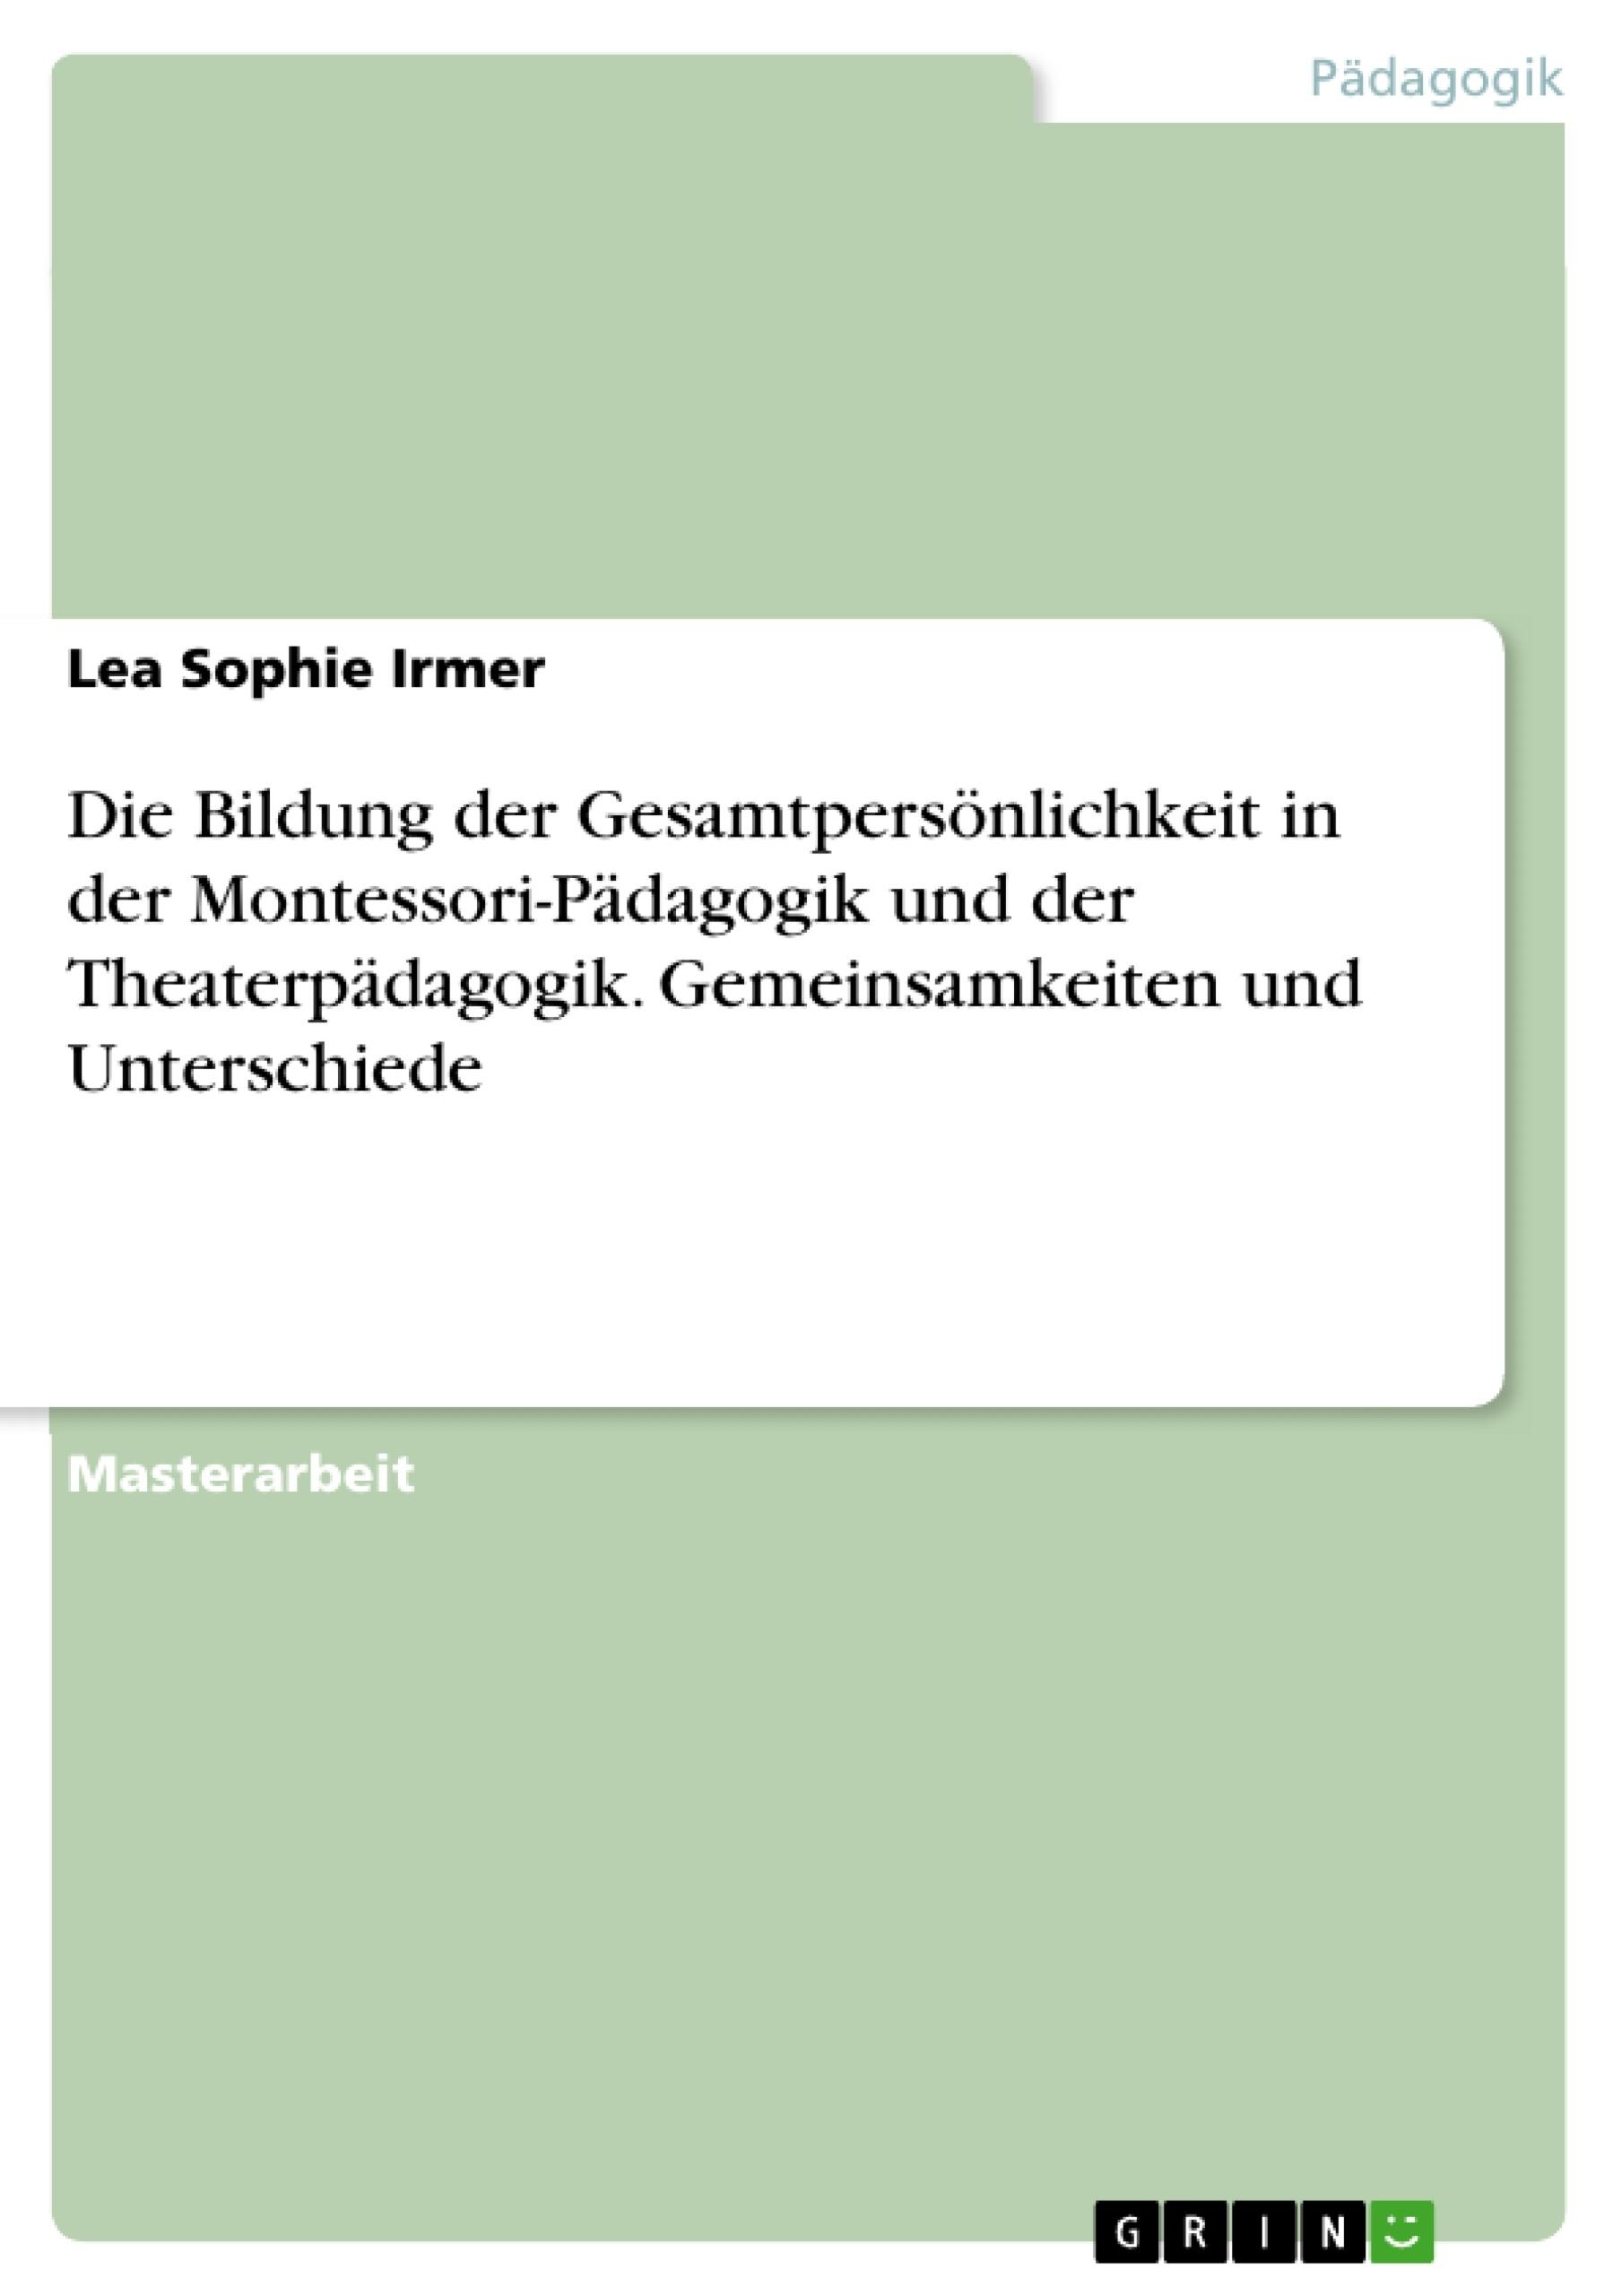 Die Bildung der Gesamtpersönlichkeit in der Montessori-Pädagogik ...